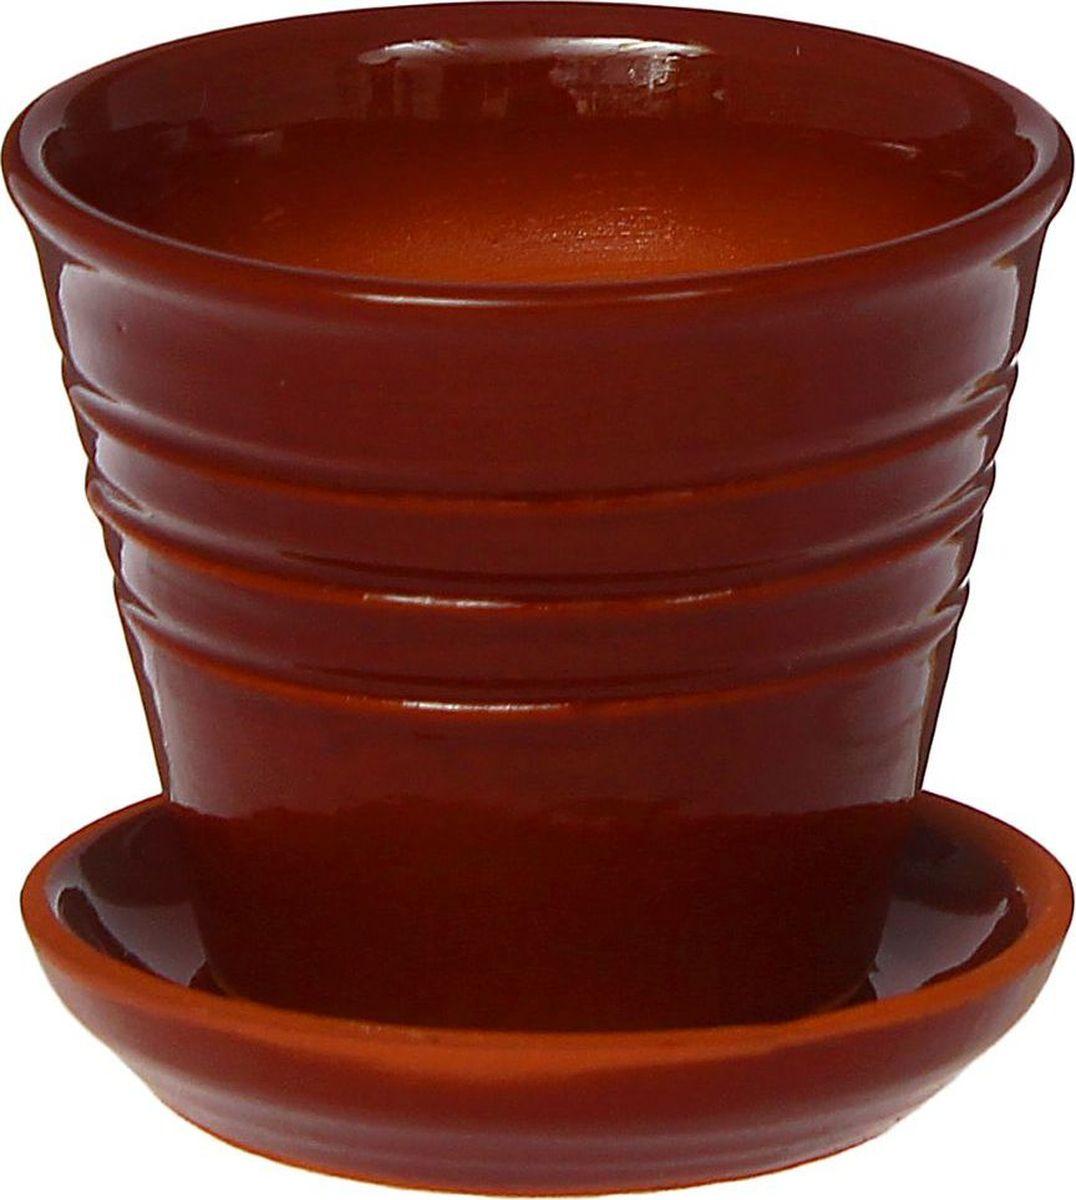 Кашпо Полосы, цвет: коричневый, 10 х 10 х 8 см1437860Комнатные растения — всеобщие любимцы. Они радуют глаз, насыщают помещение кислородом и украшают пространство. Каждому из них необходим свой удобный и красивый дом. Кашпо из керамики прекрасно подходят для высадки растений: за счёт пластичности глины и разных способов обработки существует великое множество форм и дизайновпористый материал позволяет испаряться лишней влагевоздух, необходимый для дыхания корней, проникает сквозь керамические стенки! #name# позаботится о зелёном питомце, освежит интерьер и подчеркнёт его стиль.